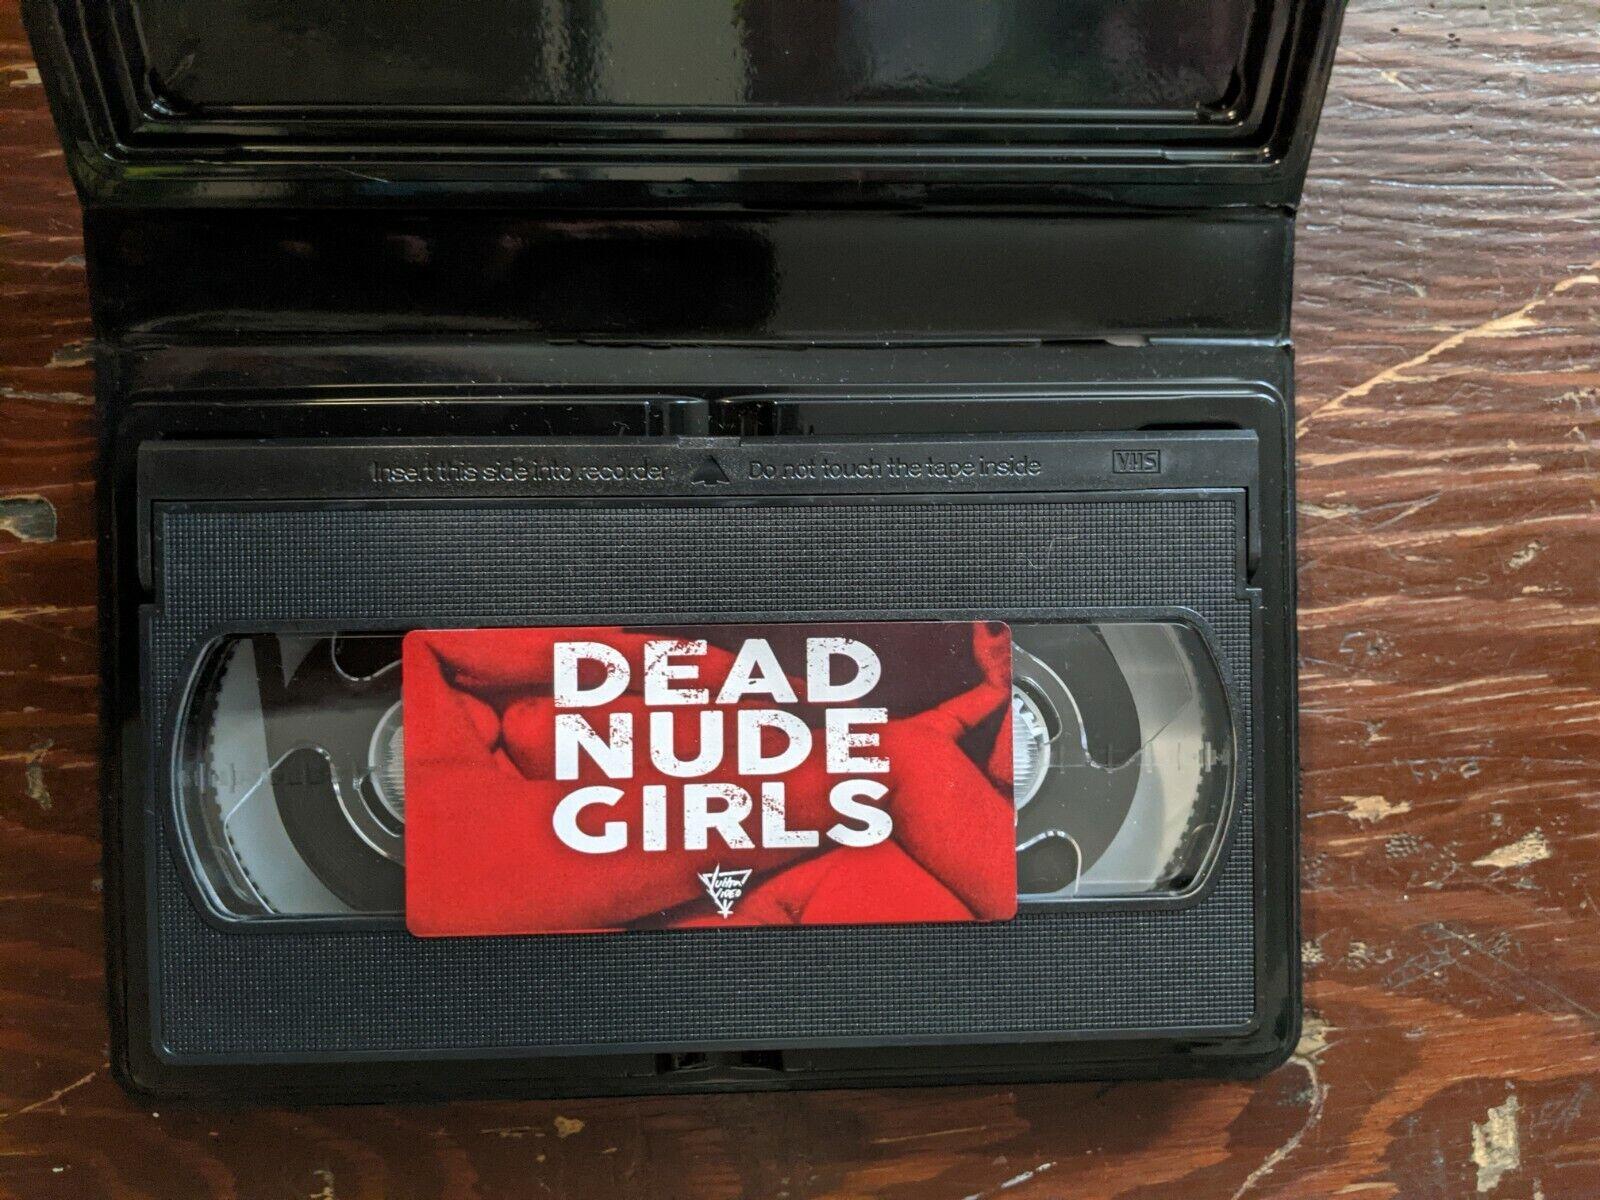 Sale Rabattcodes Dead Nude Girls VHS Ryan Nicholson Schnäppchen 20 ...